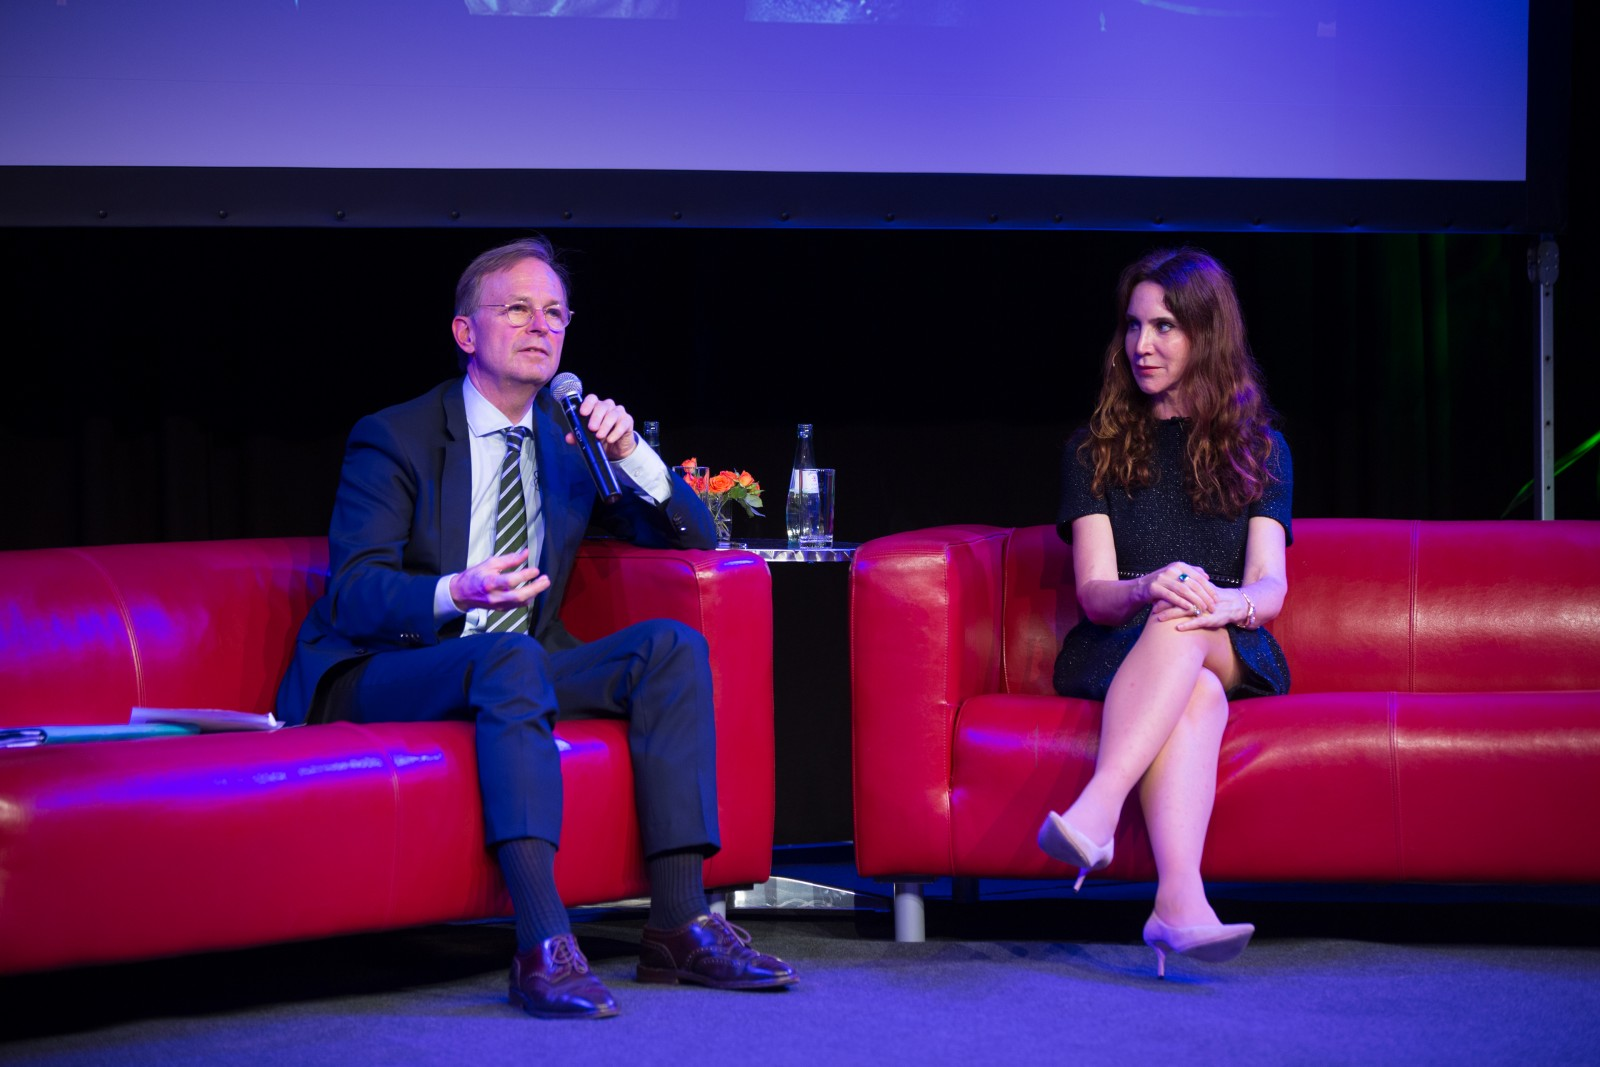 Smart. Vernetzt. Umstritten: Herausforderung Digitalisierung Prof. Dr. Anabel Ternès zu Gast bei Thomas Rachel MdB in Düren